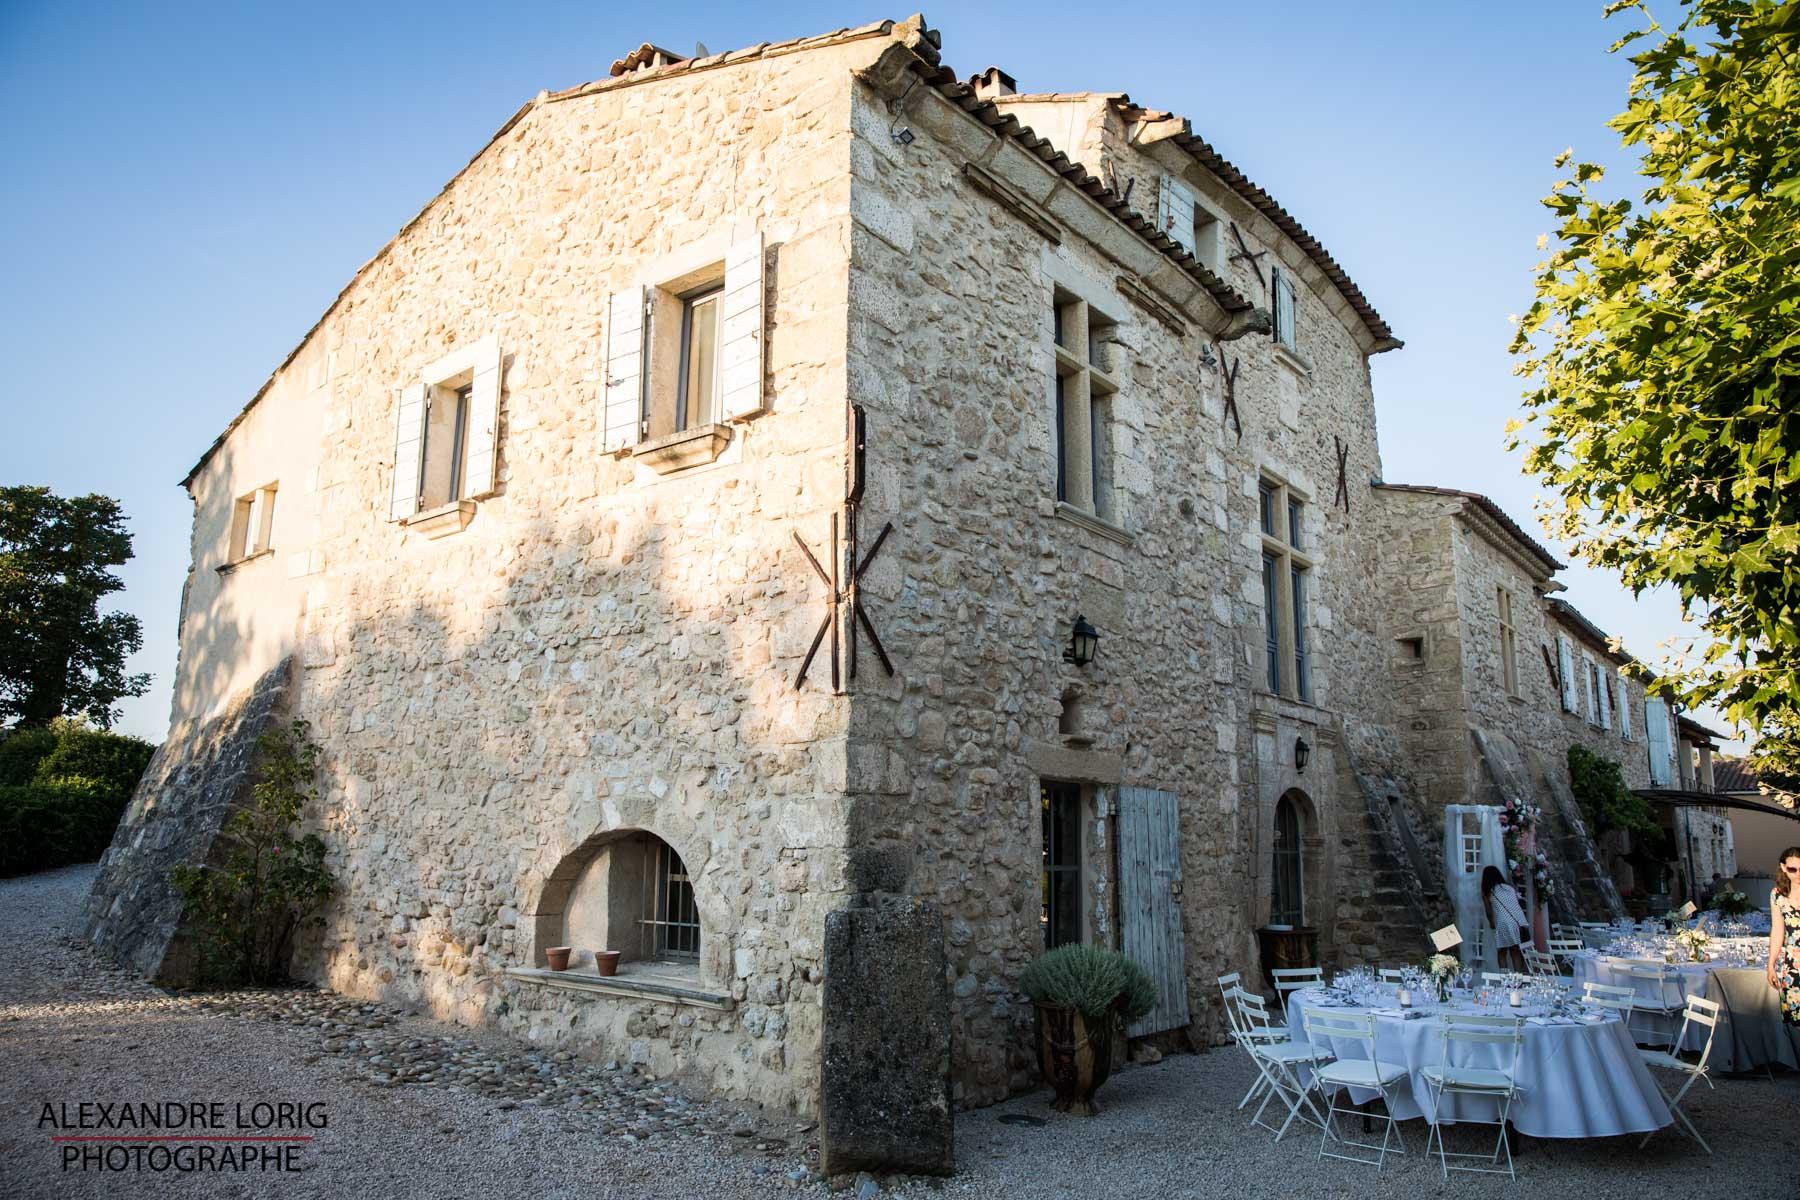 le coeur dans les etoiles - wedding planner provence - luberon - mariage provence - Alexandre Lorig - domaine en provence